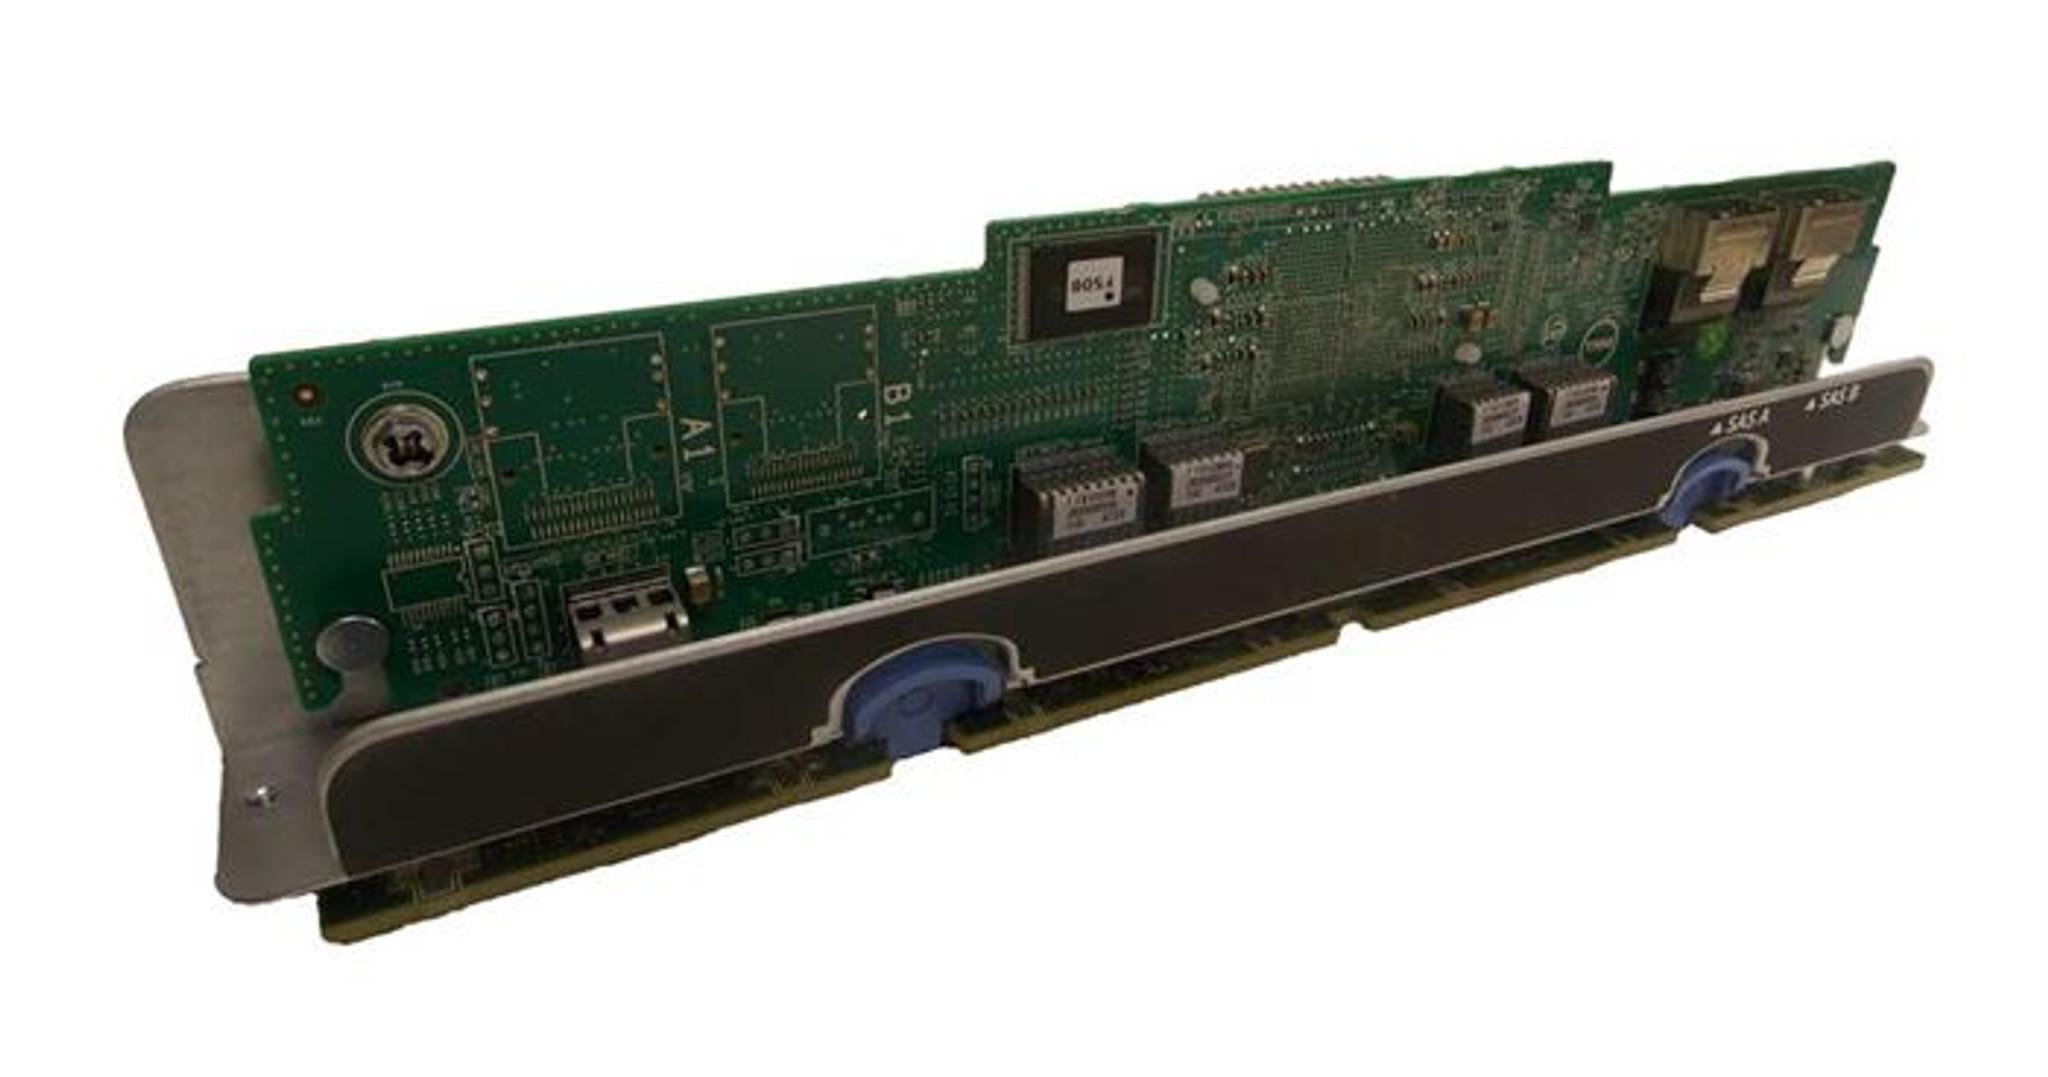 Dell 8X25D 1x16 2 5